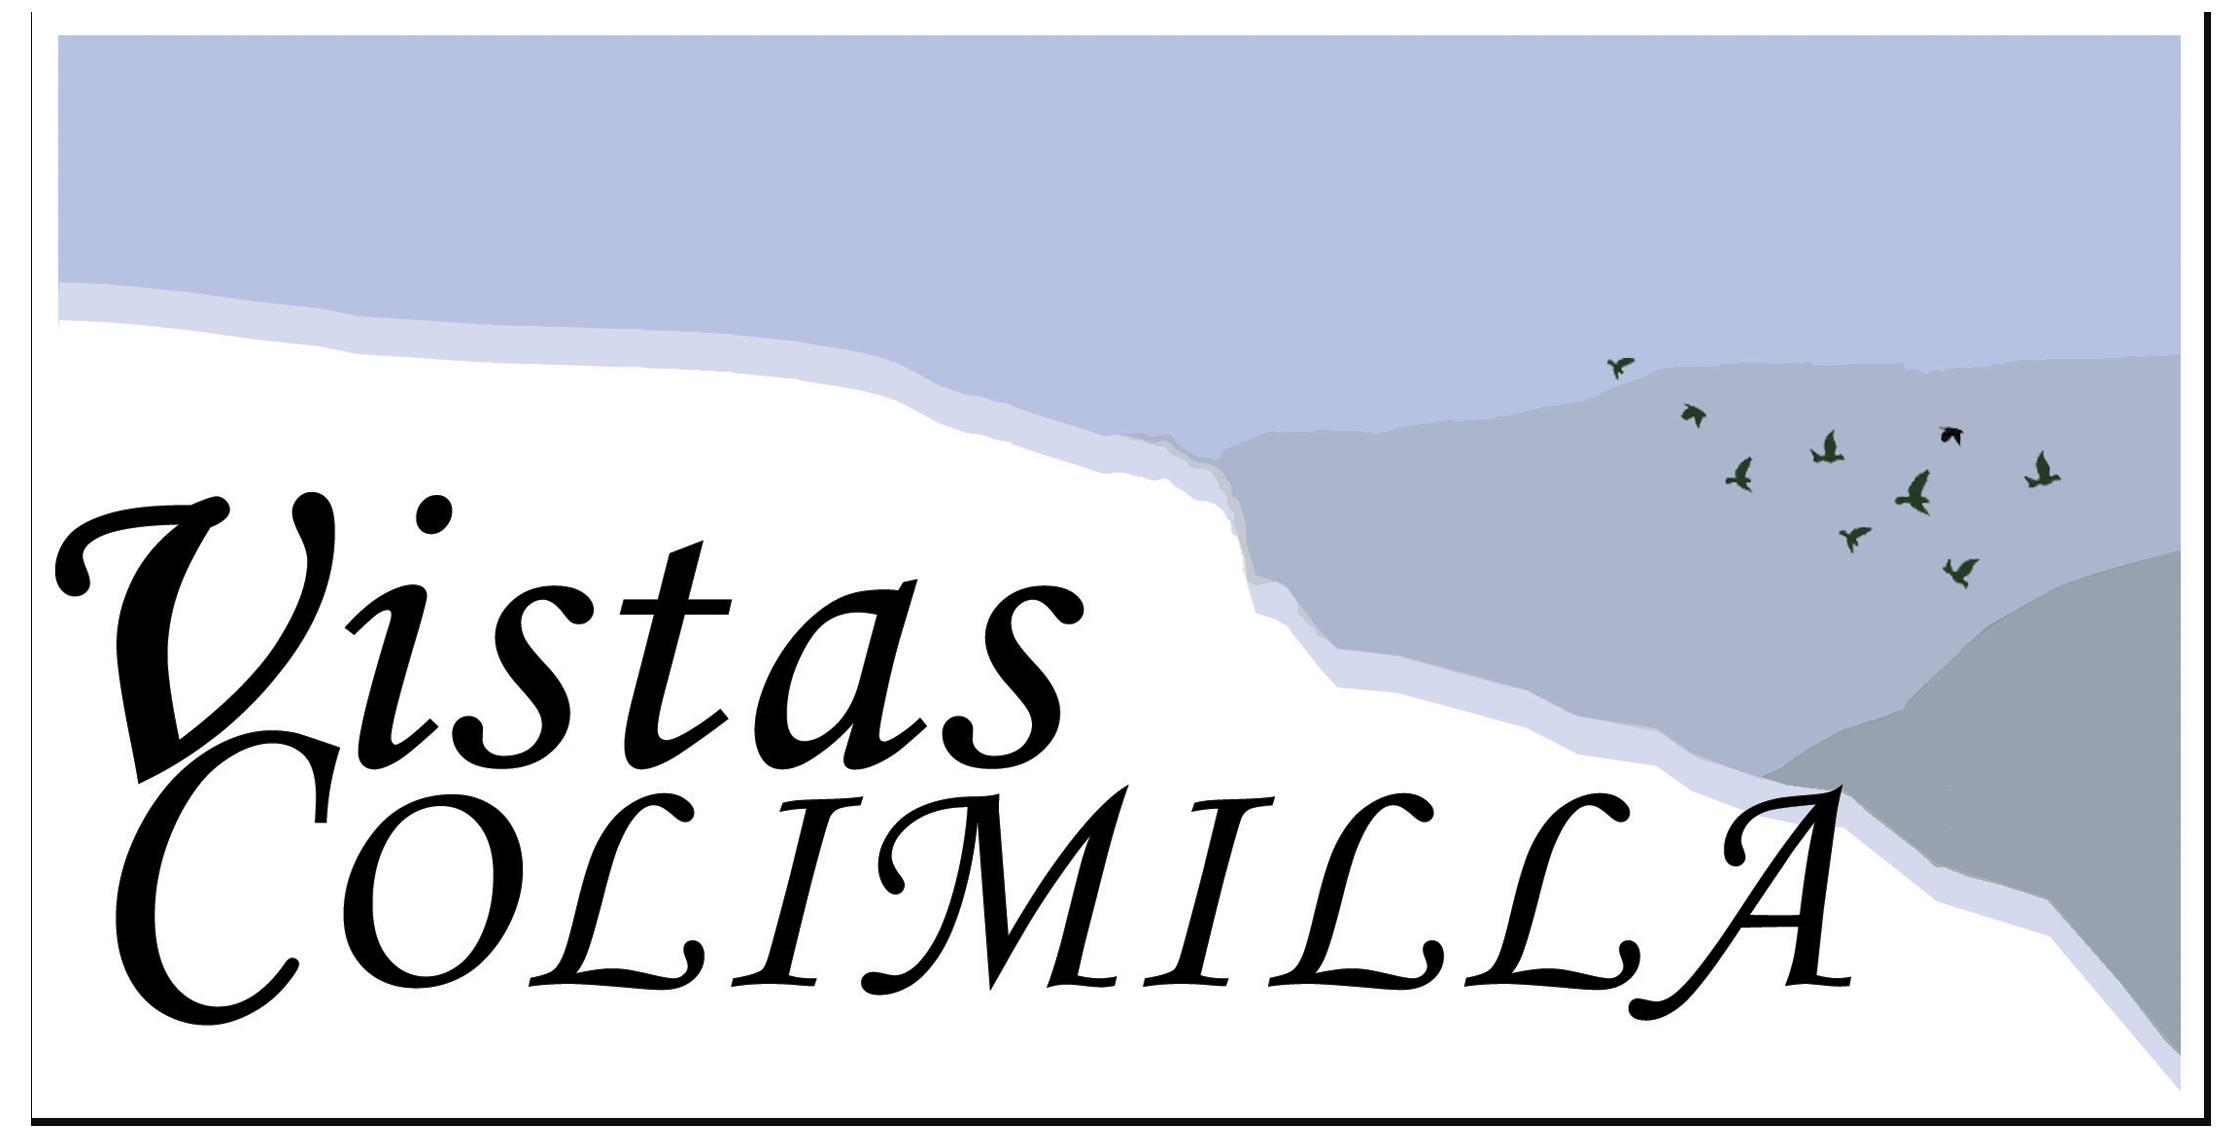 Vistas Colimilla